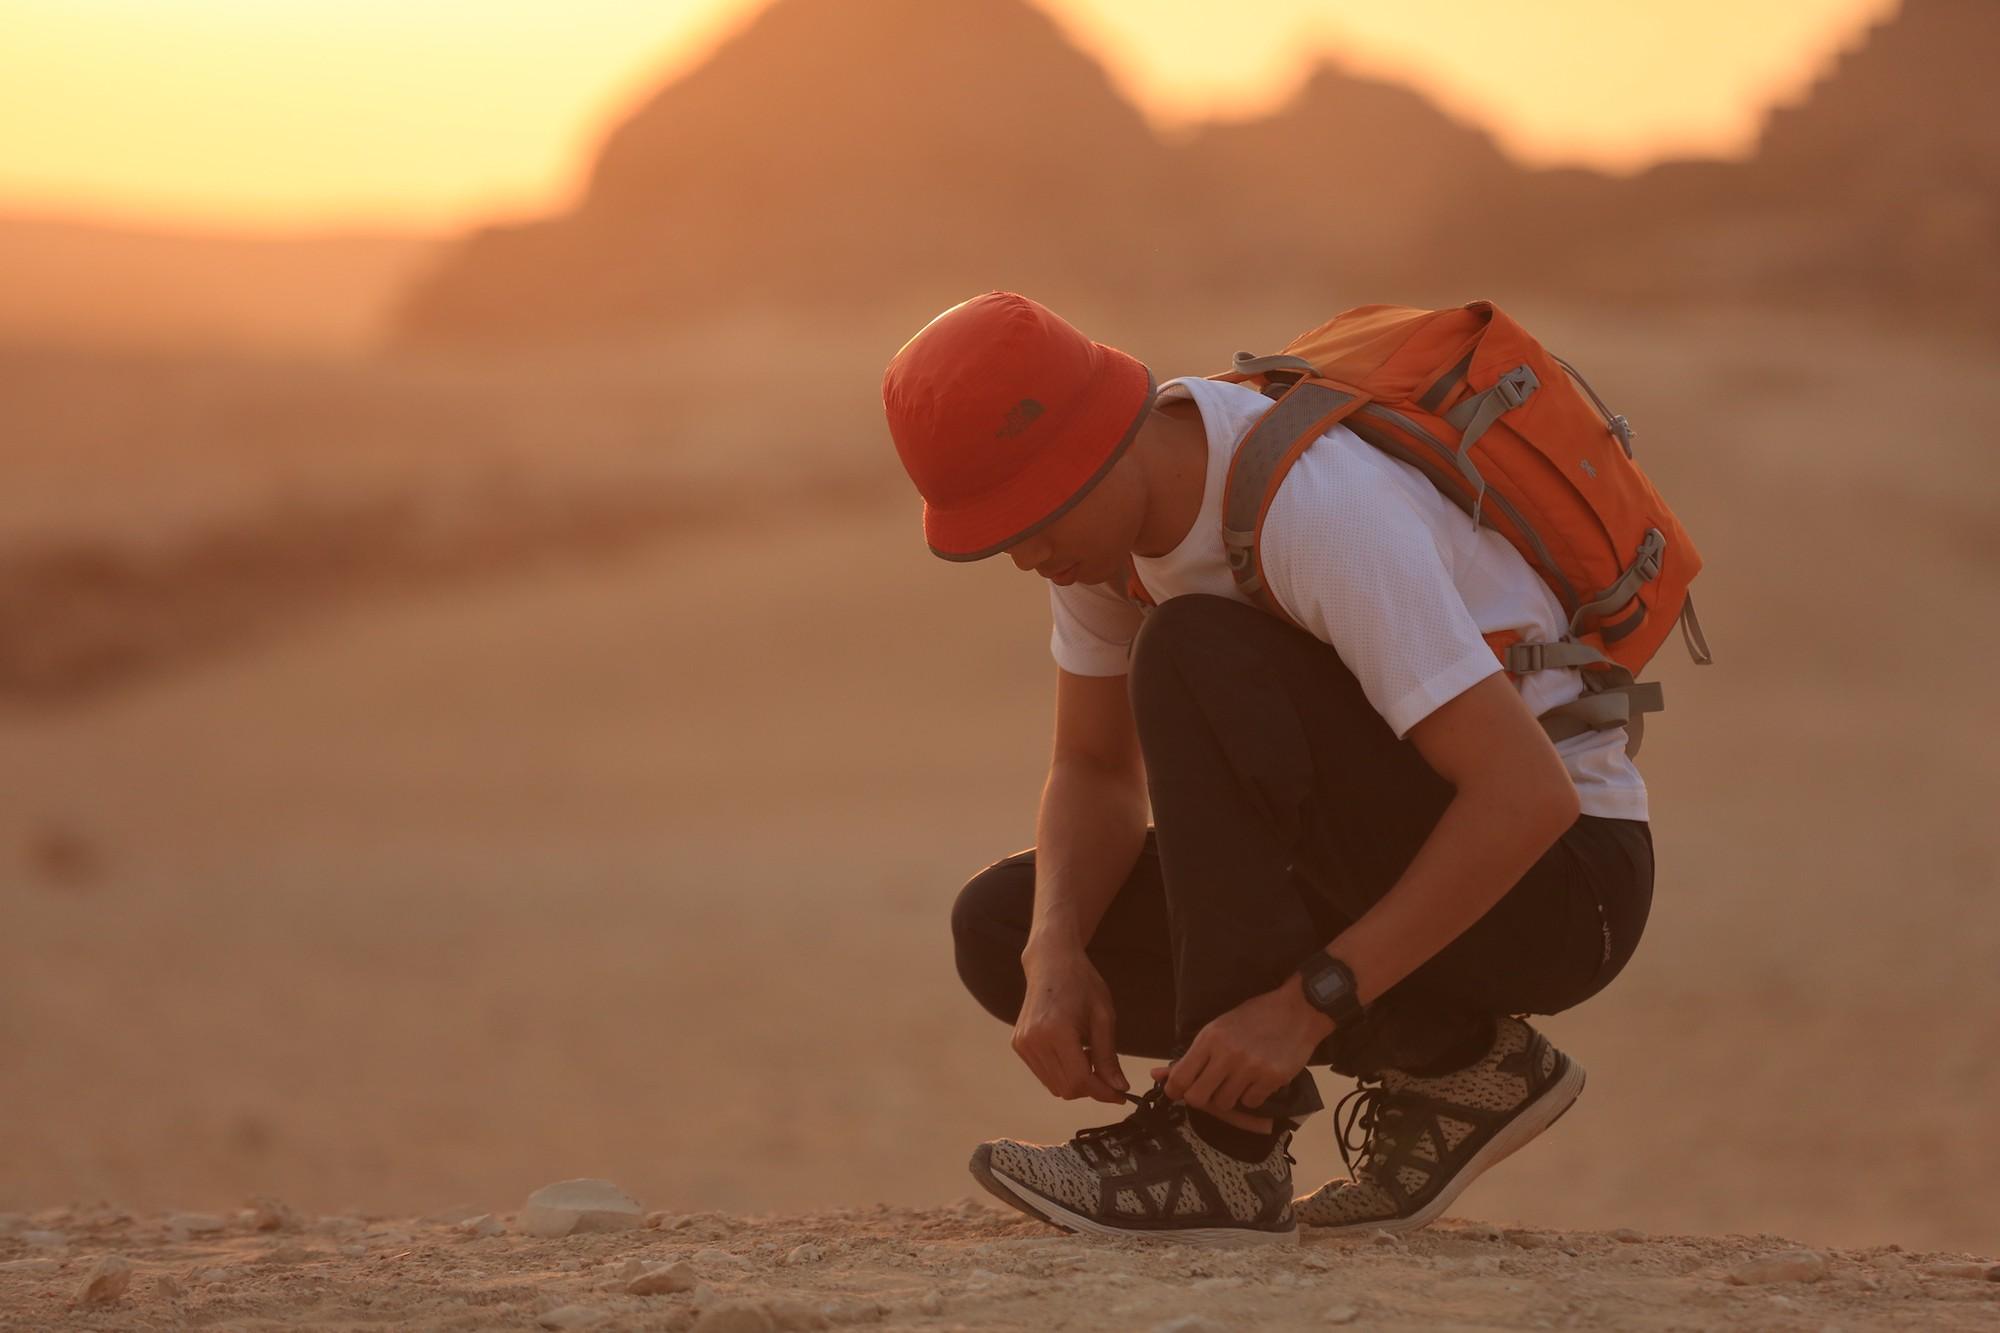 Ai Cập đẹp hơn tất cả những gì chúng ta vẫn tưởng tượng trong bộ ảnh mới nhất của Tâm Bùi - Ảnh 6.